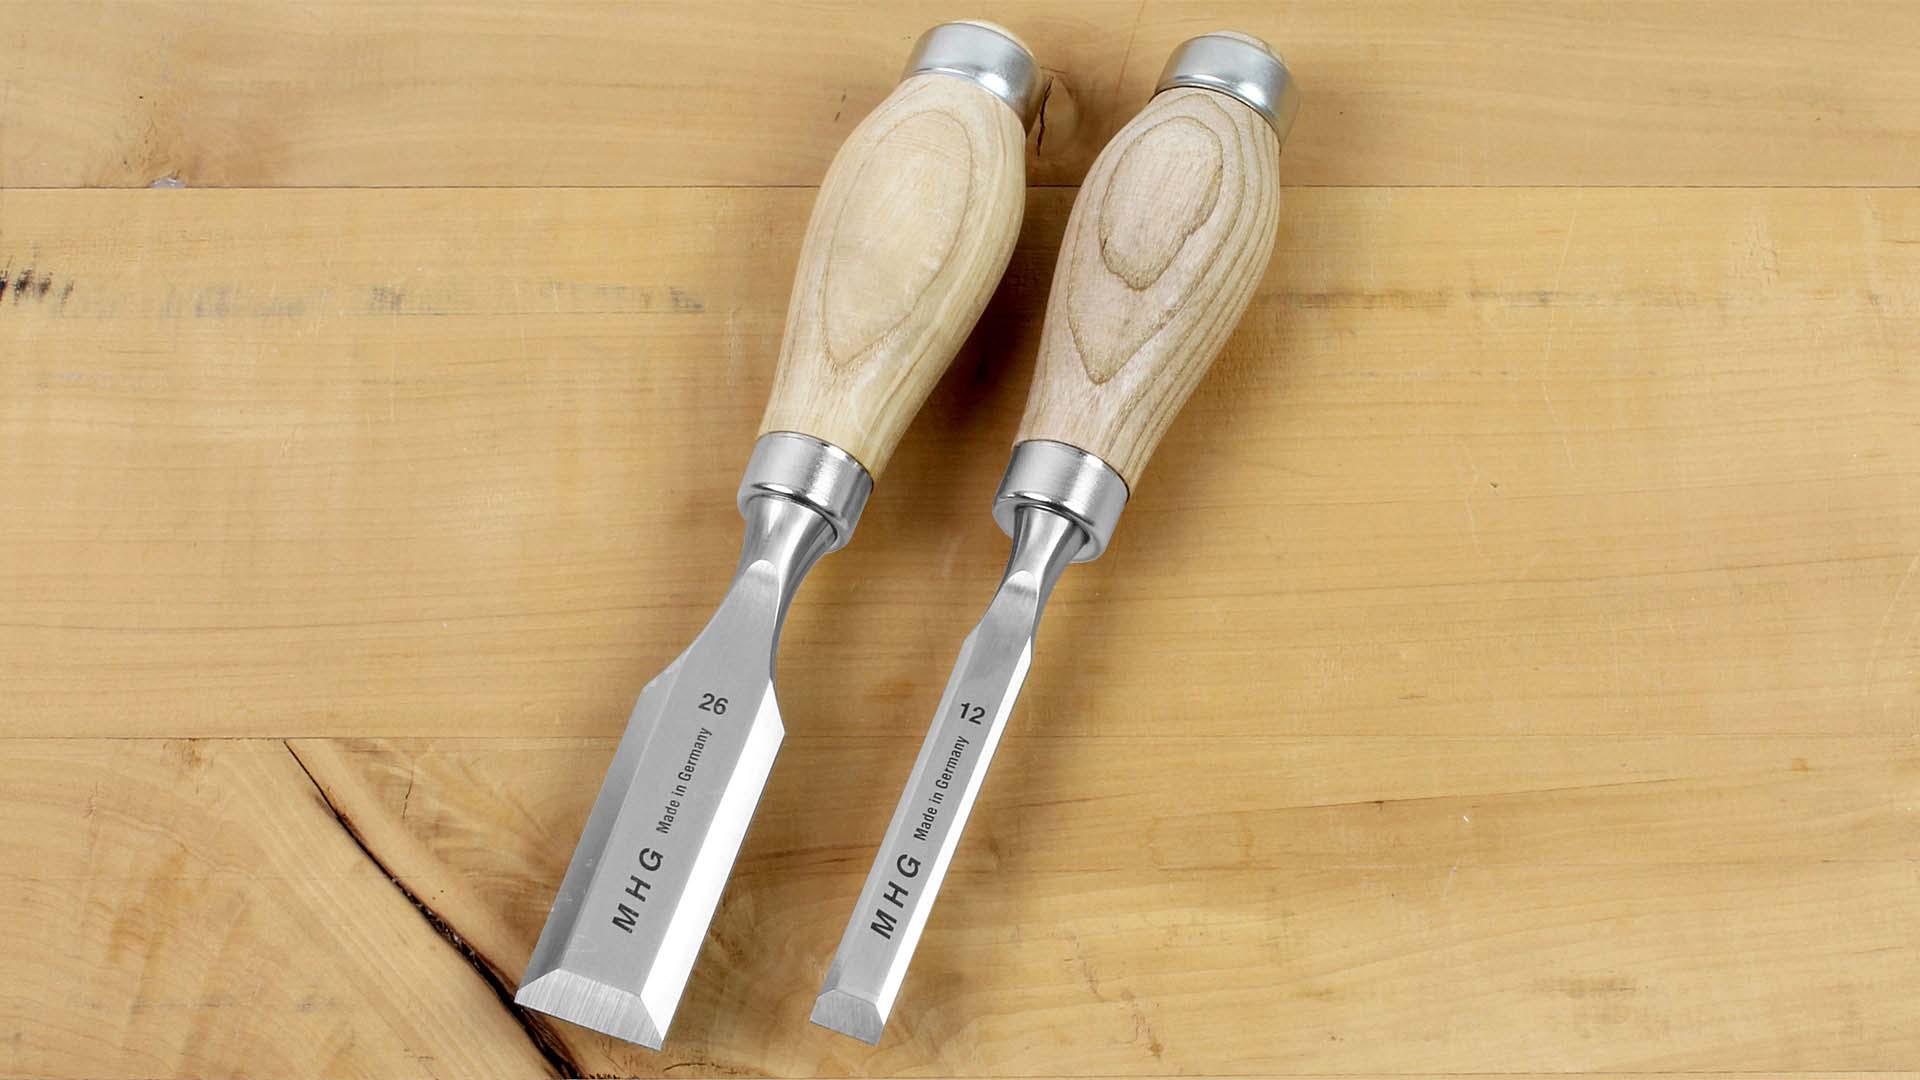 mhg chisels | fine tools